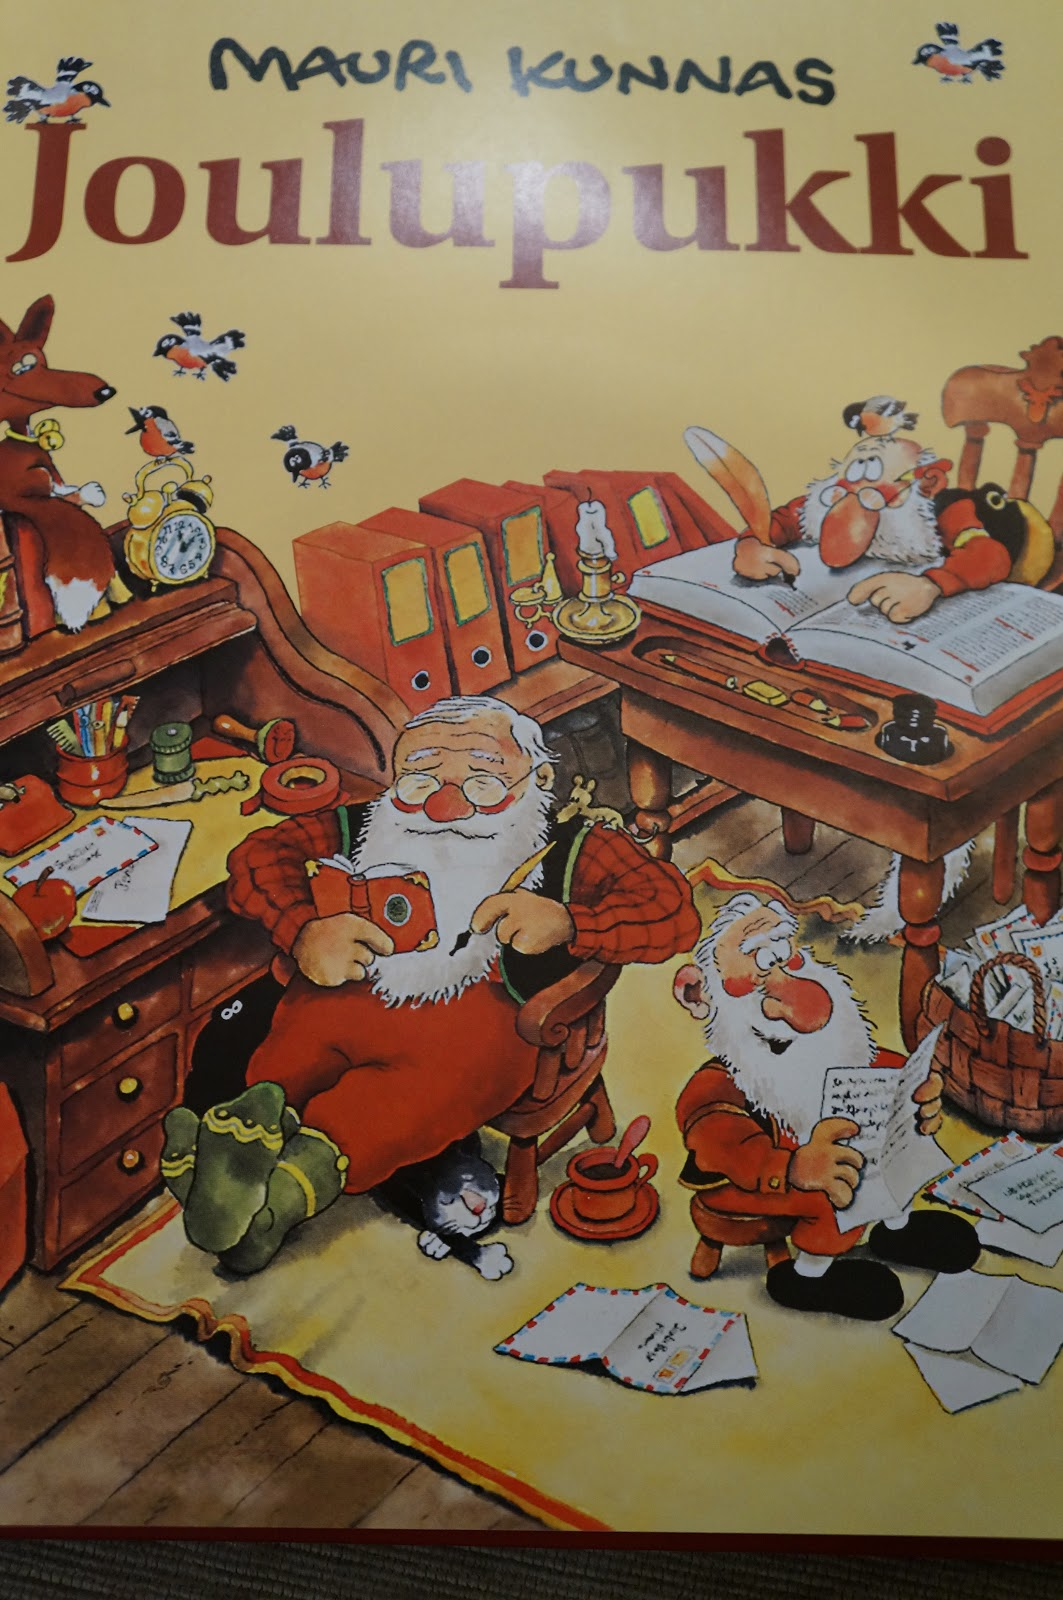 Joulutarinoita